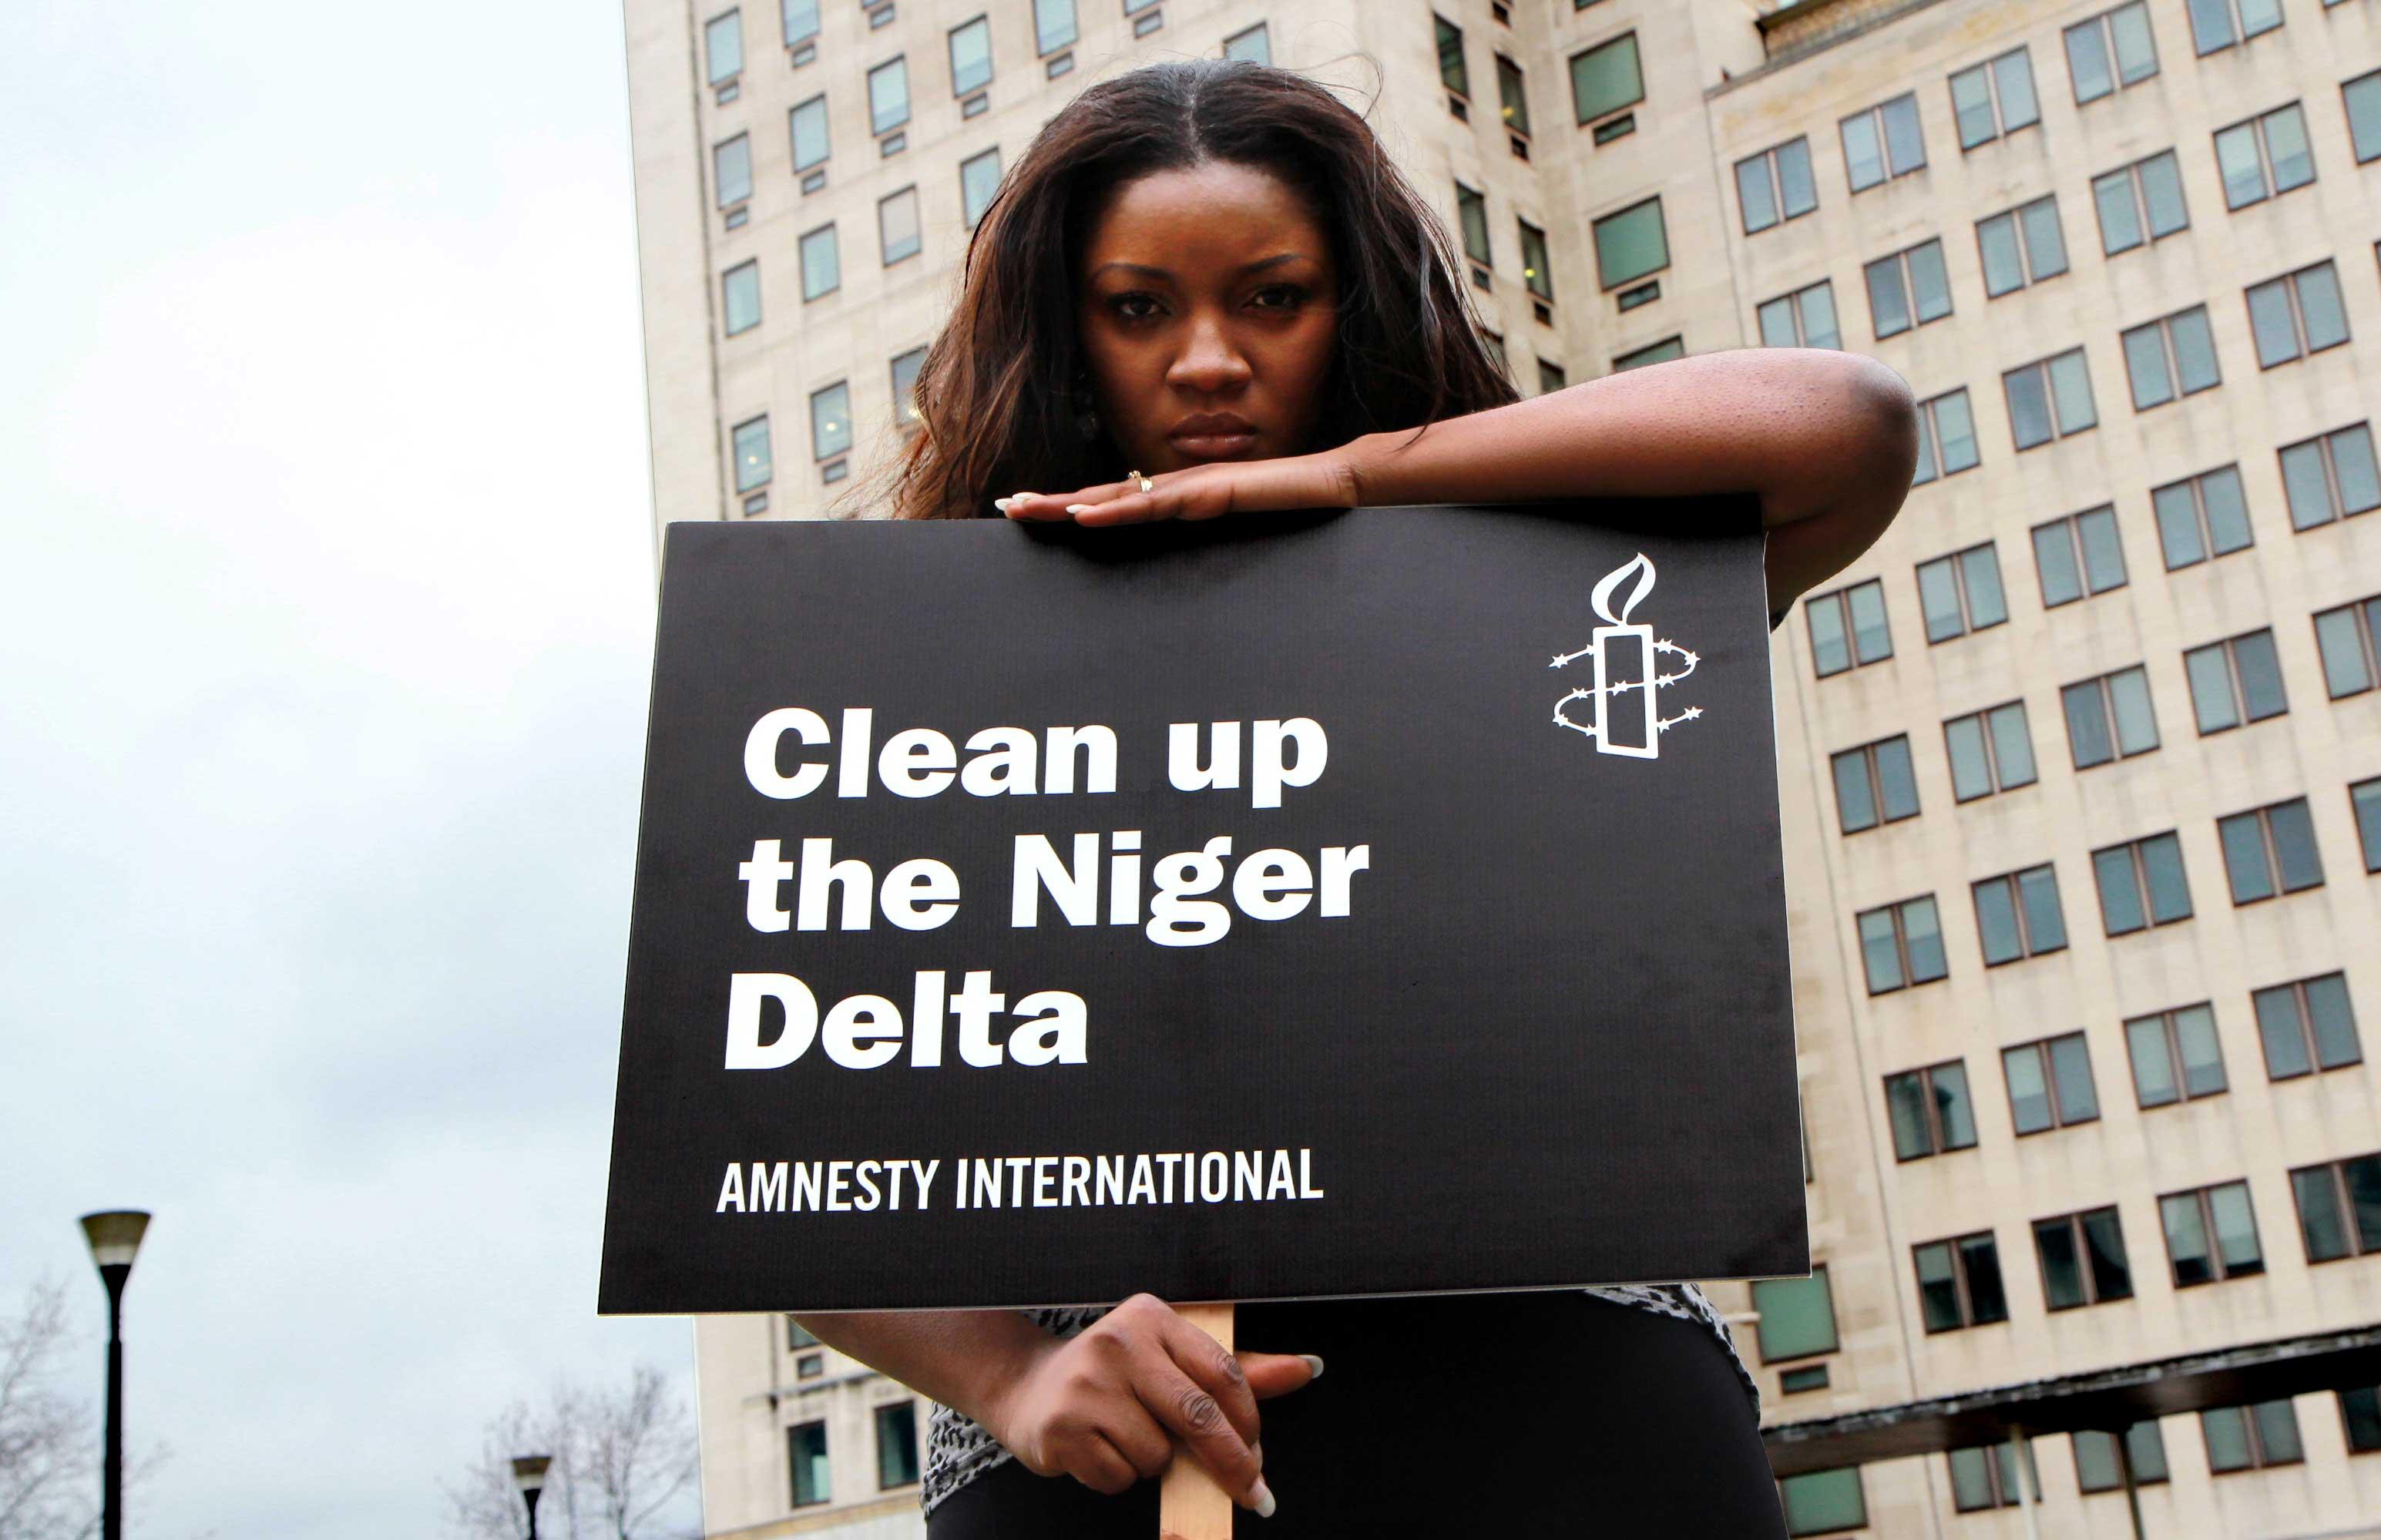 © Amnesty International (Photo: Toma Jablon)